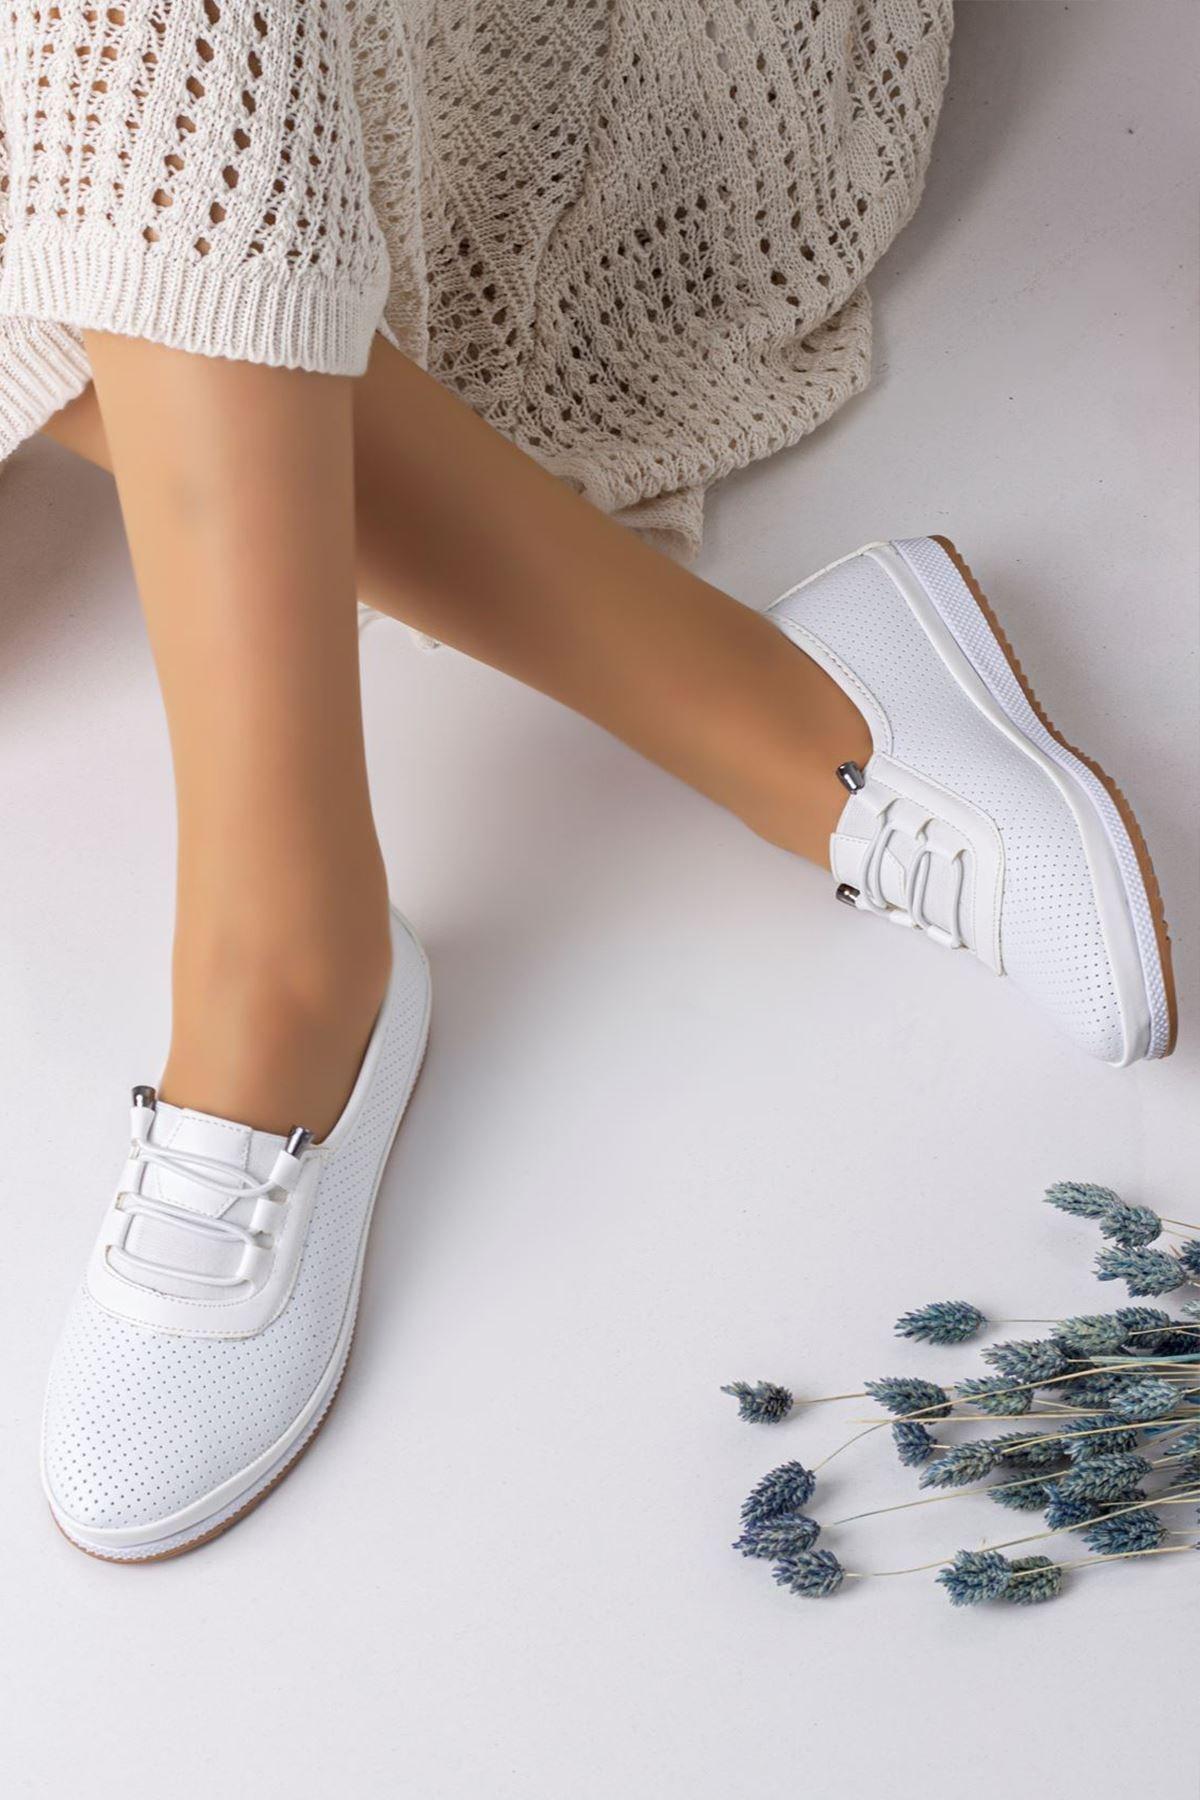 Kadın Ortopedik Rahat Babet Spor Ayakkabı-beyaz